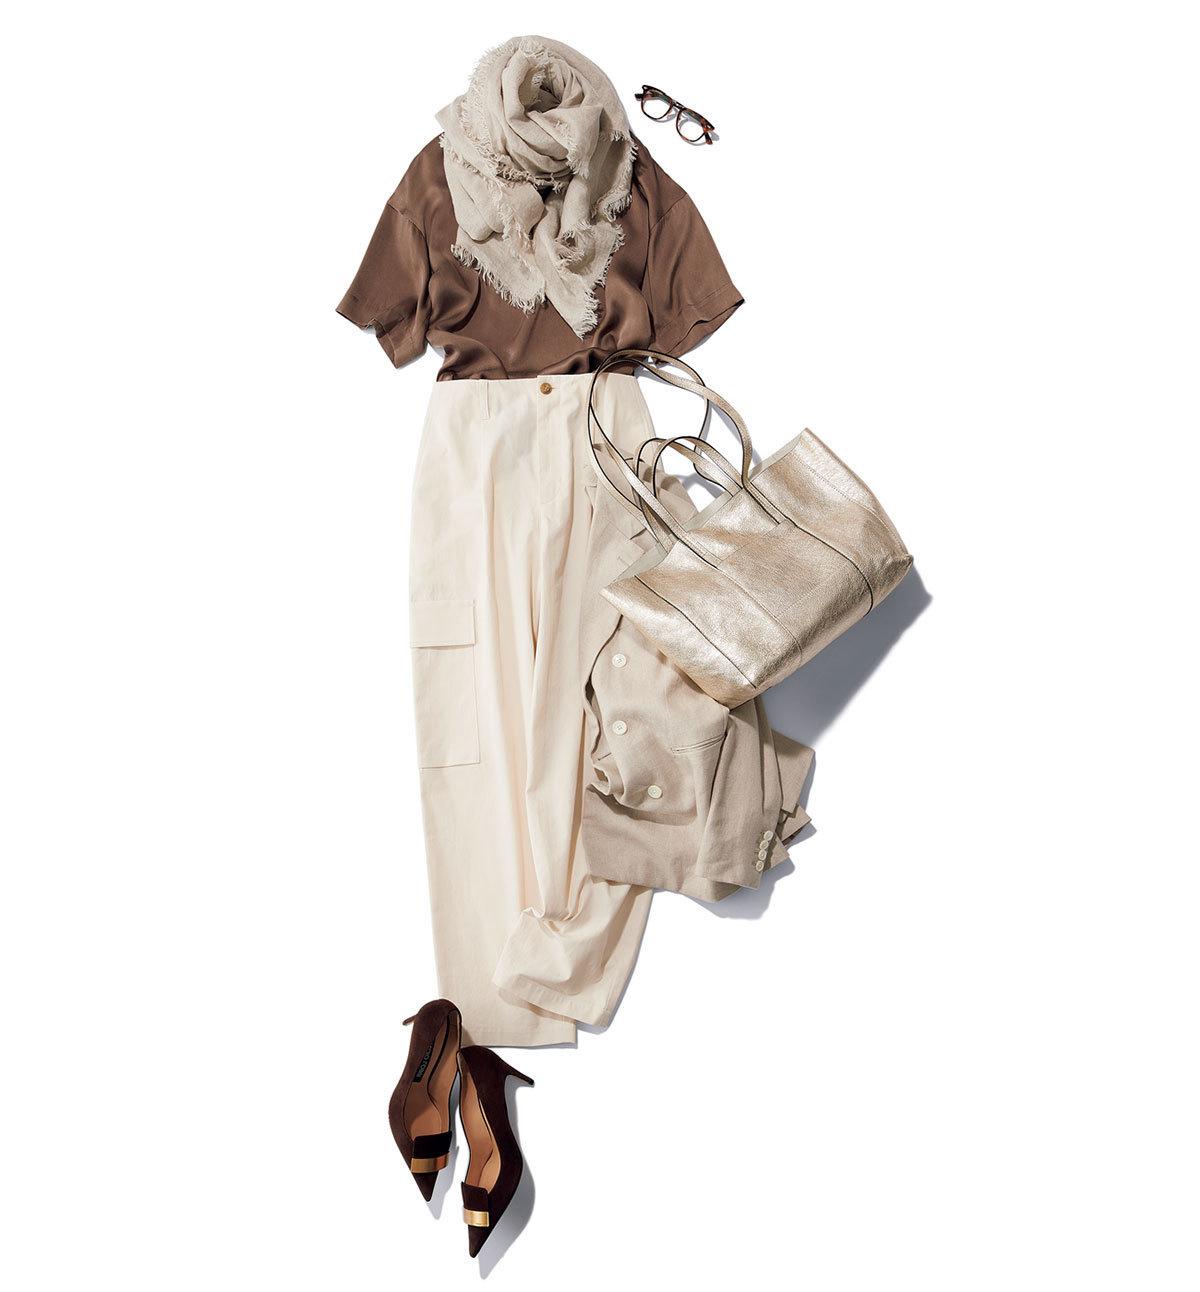 「ストール」でアラフォーの夏コーデをブラッシュアップ! 冷房対策にもおしゃれにも効くストールの取り入れ方 |40代ファッション_1_4